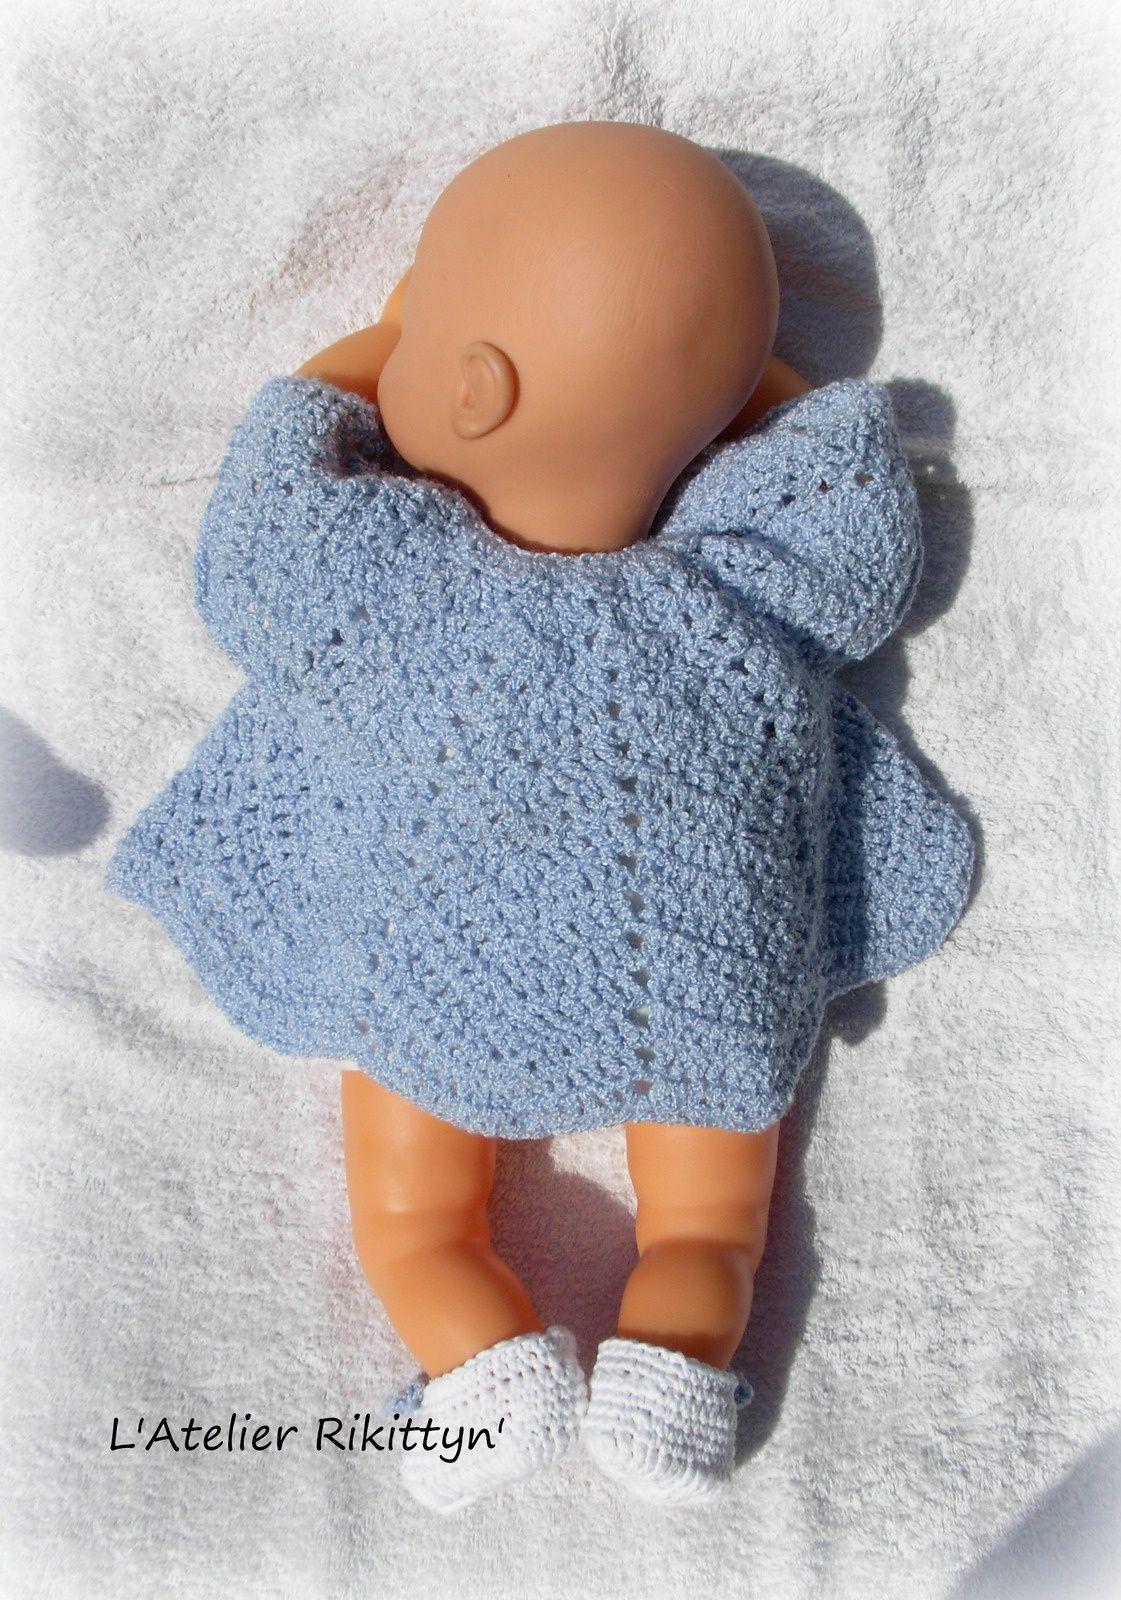 Oui, il m'arrive aussi de tricoter... La preuve en image !